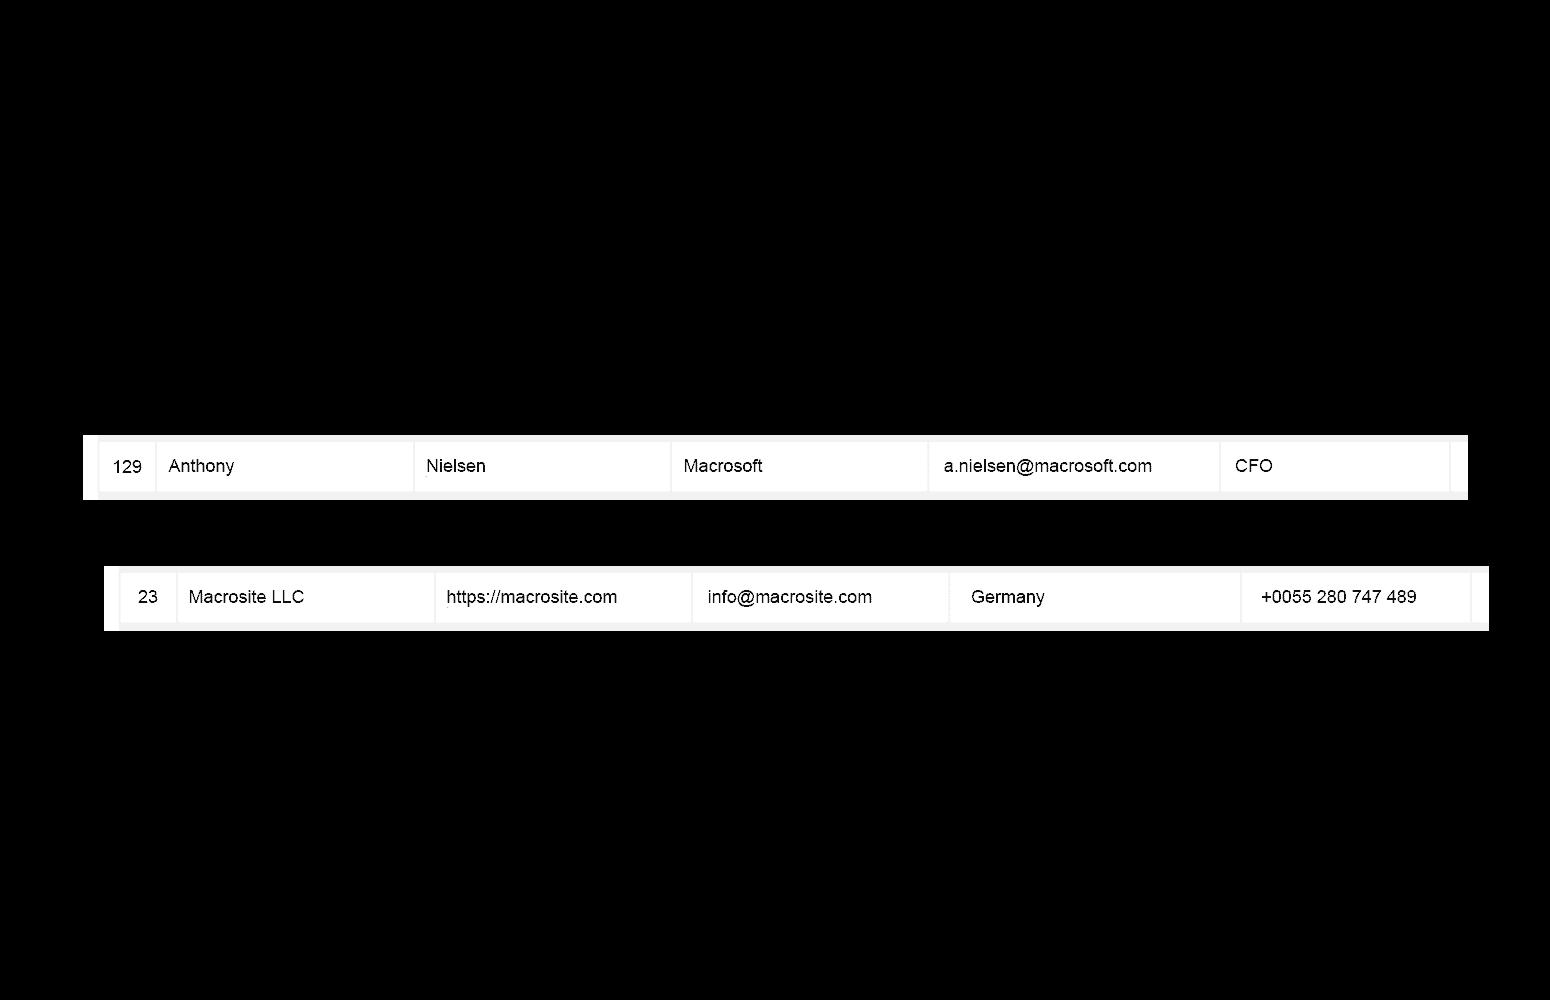 company info rows